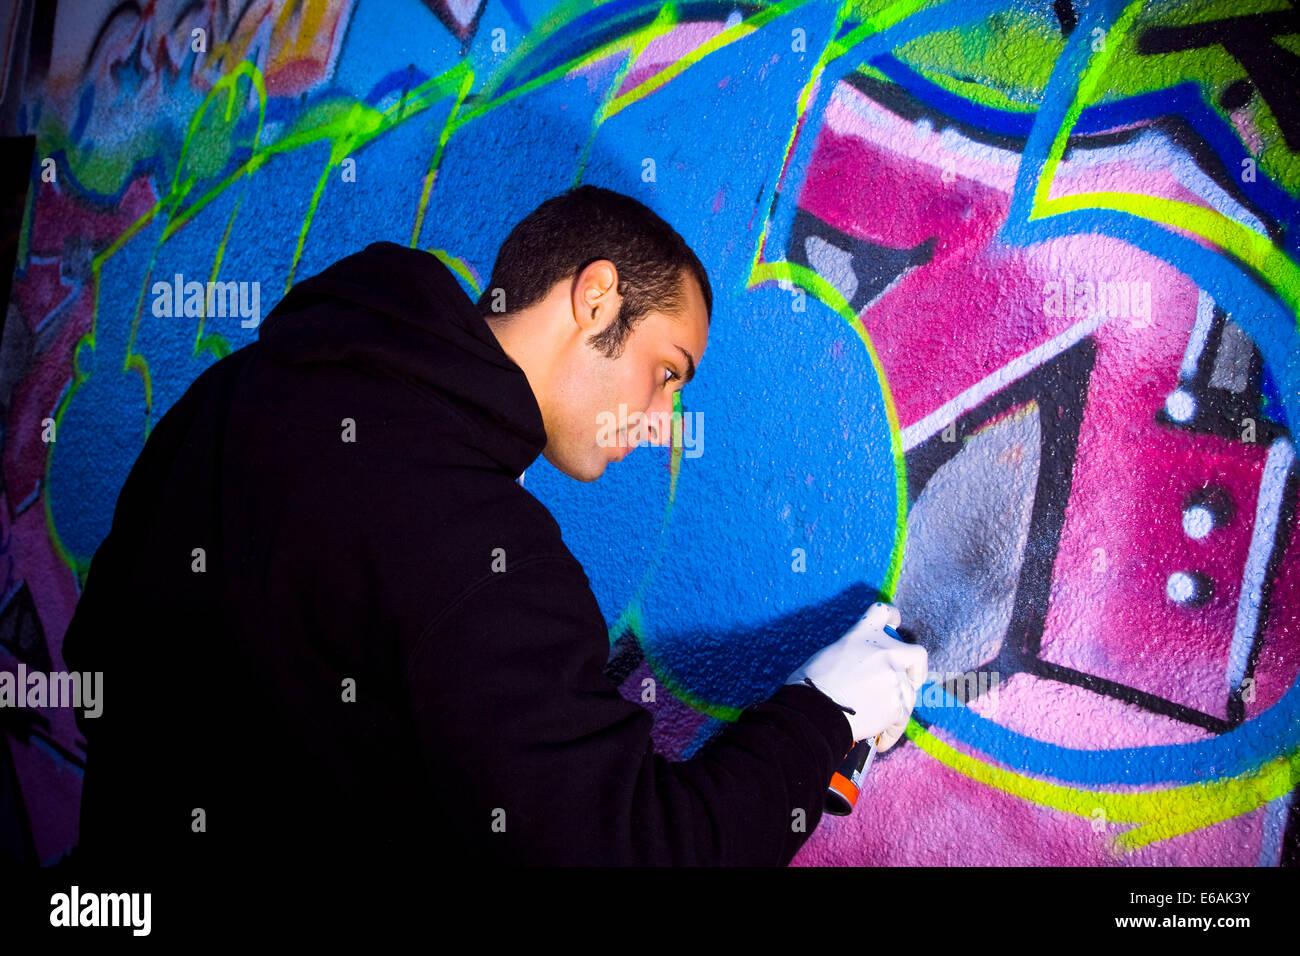 La culture des jeunes,graffiti,pulvérisateur Photo Stock